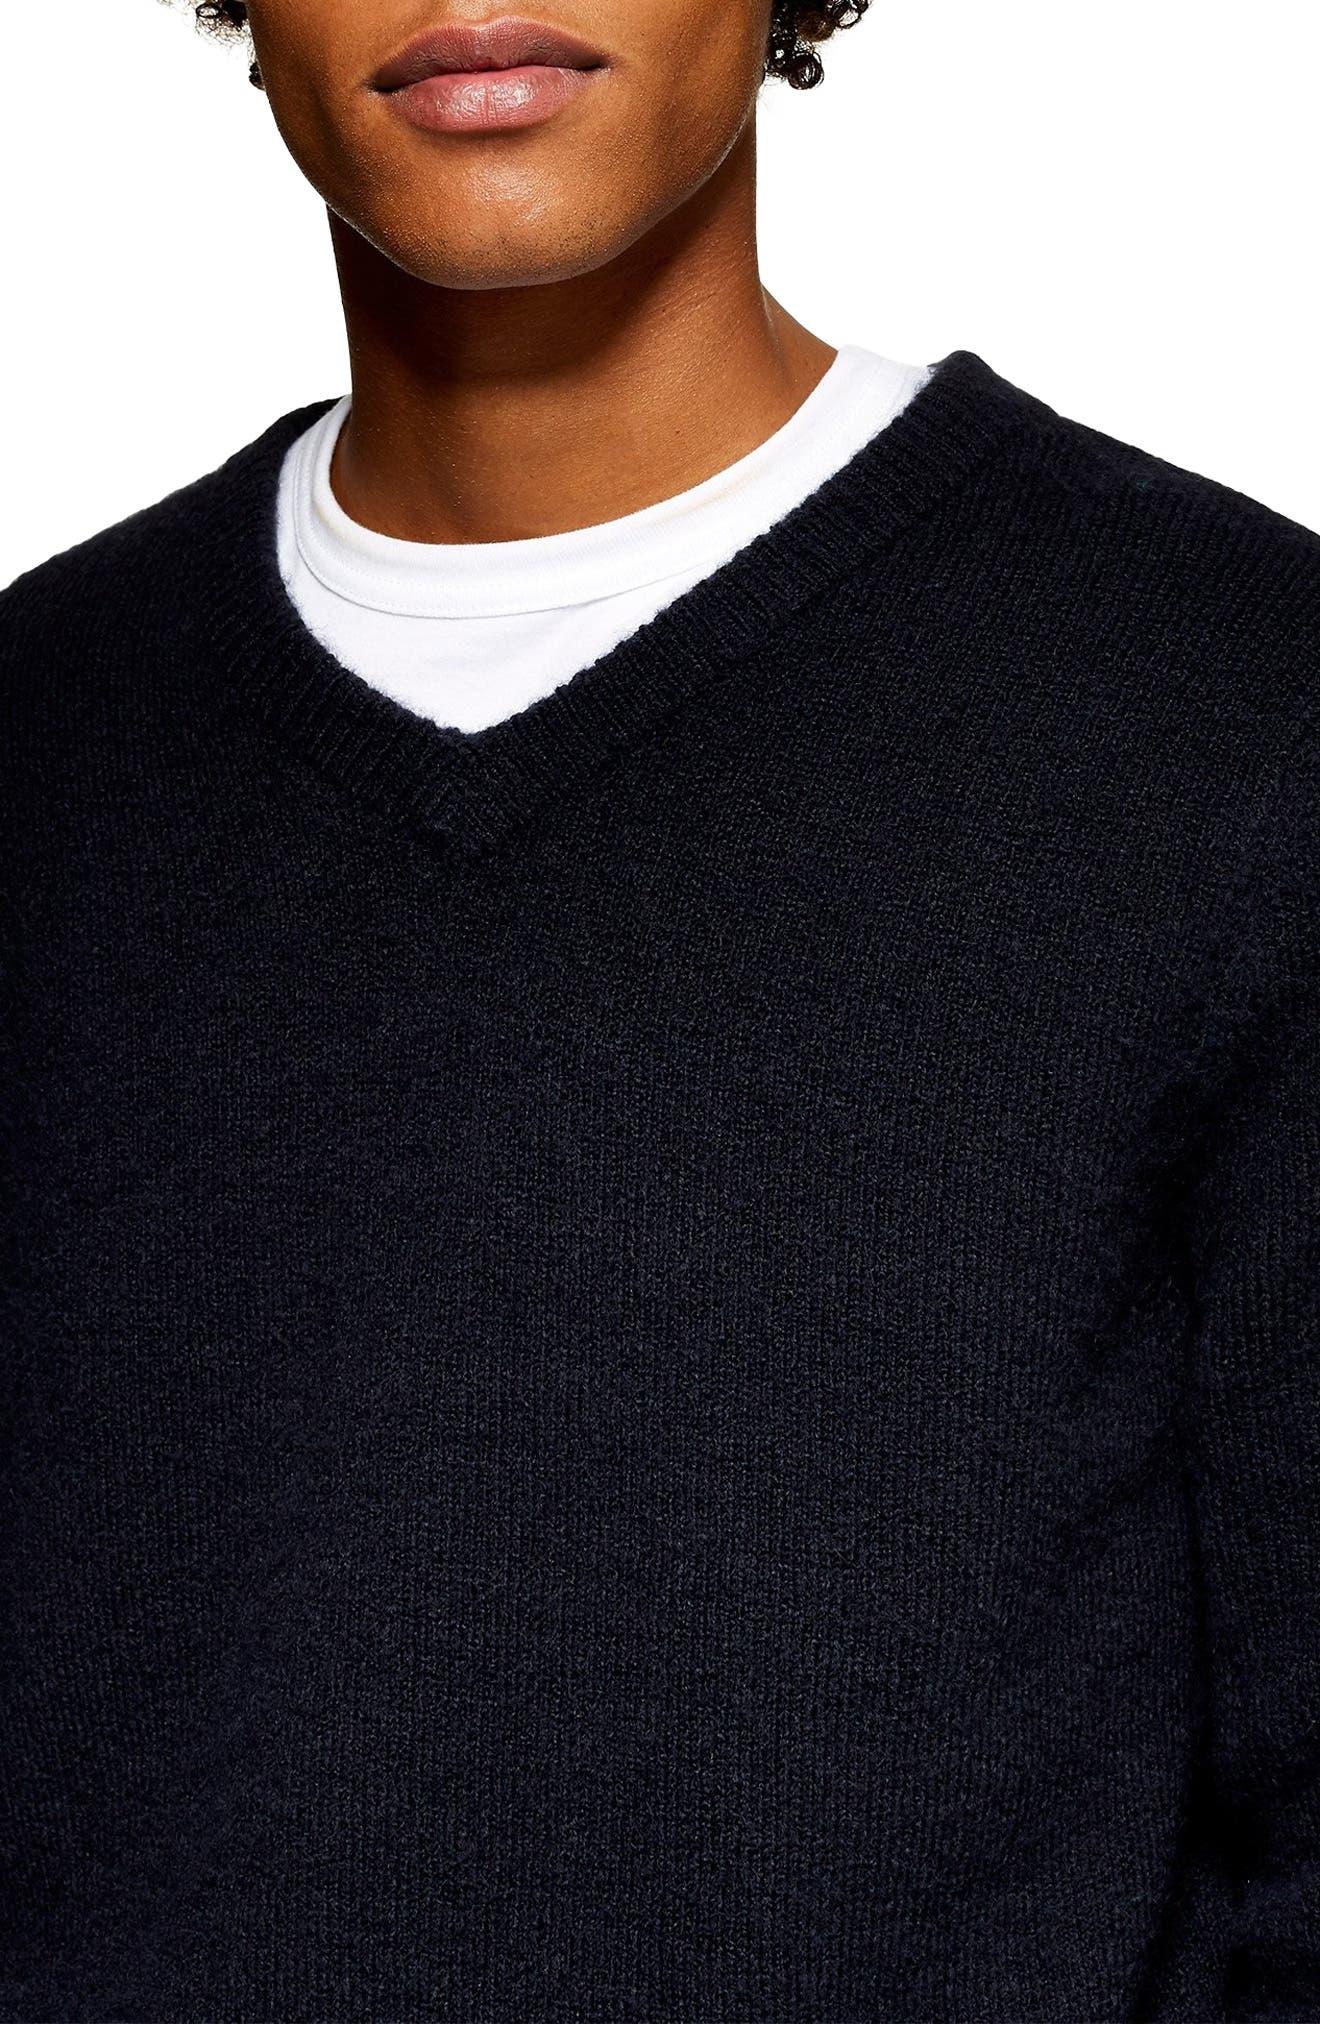 TOPMAN, V-Neck Sweater, Alternate thumbnail 3, color, 411